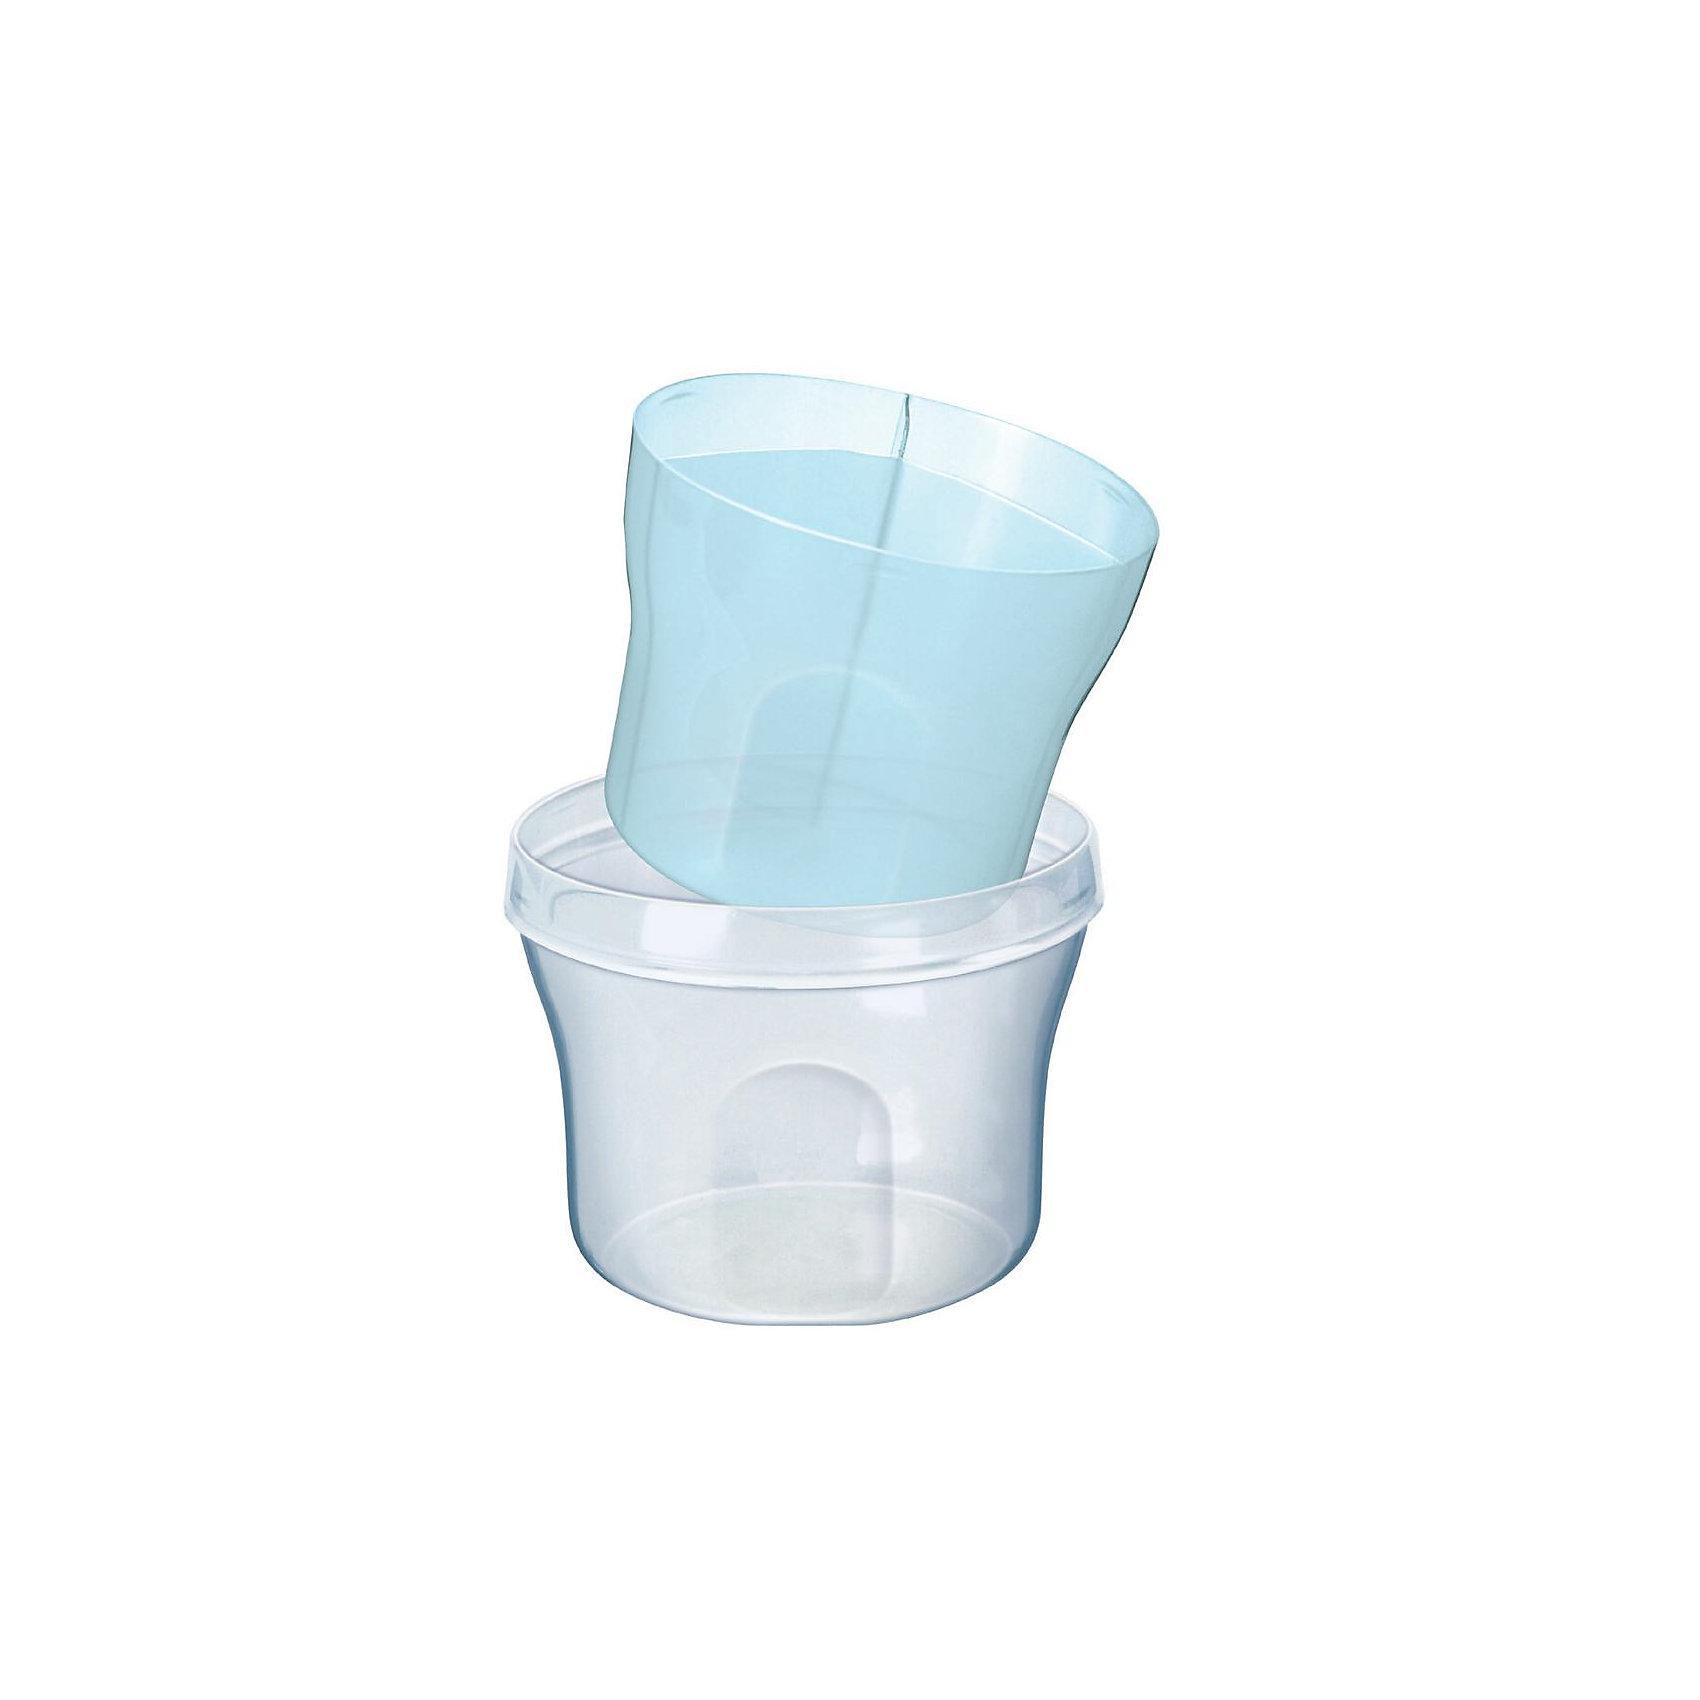 PHILIPS AVENT Порционная емкость для сухой молочной смеси, AVENT